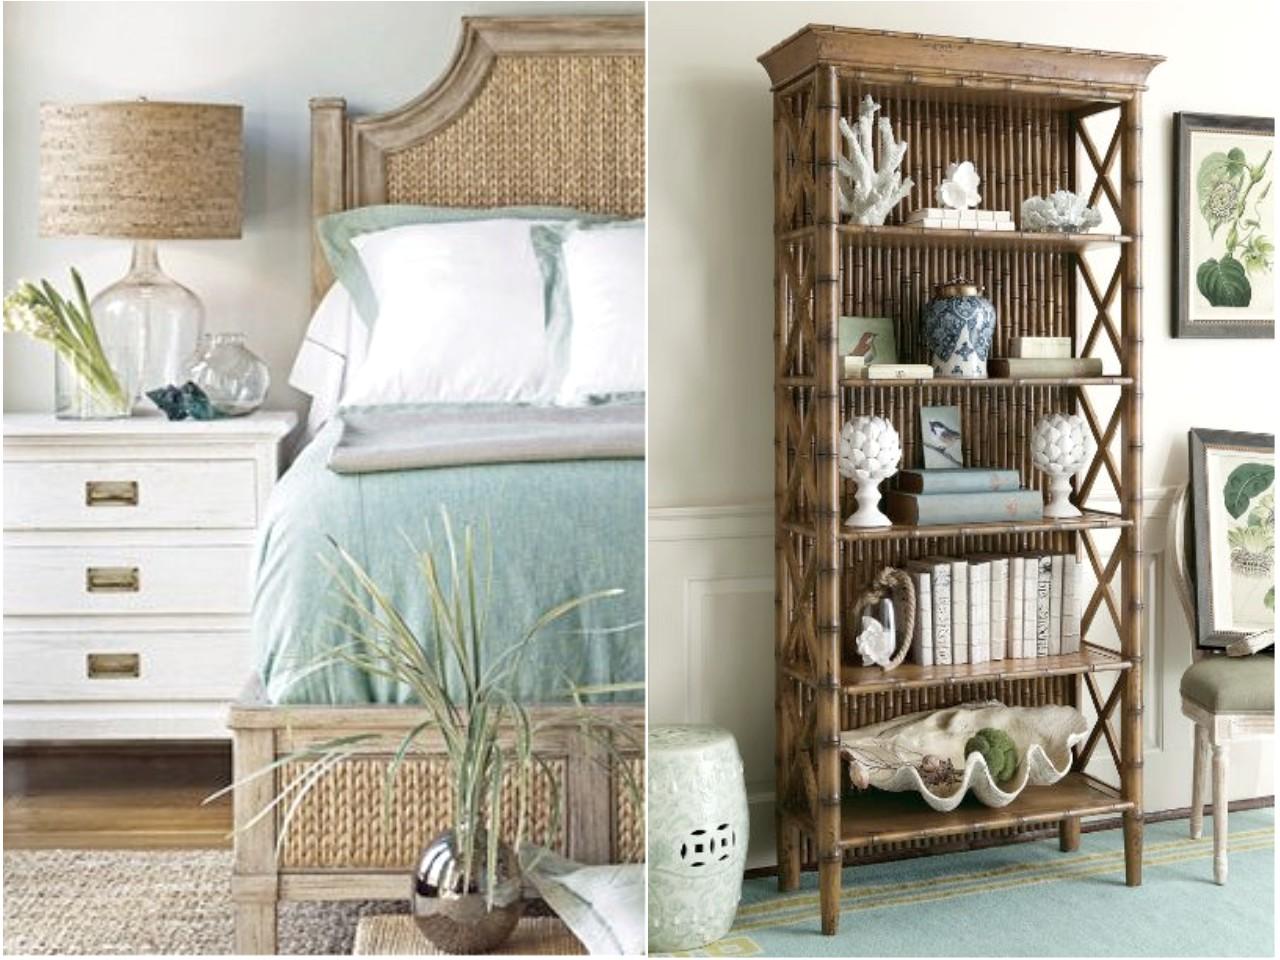 Consigue un dormitorio de estilo colonial en 7 pasos - Decorar cestas de mimbre paso a paso ...